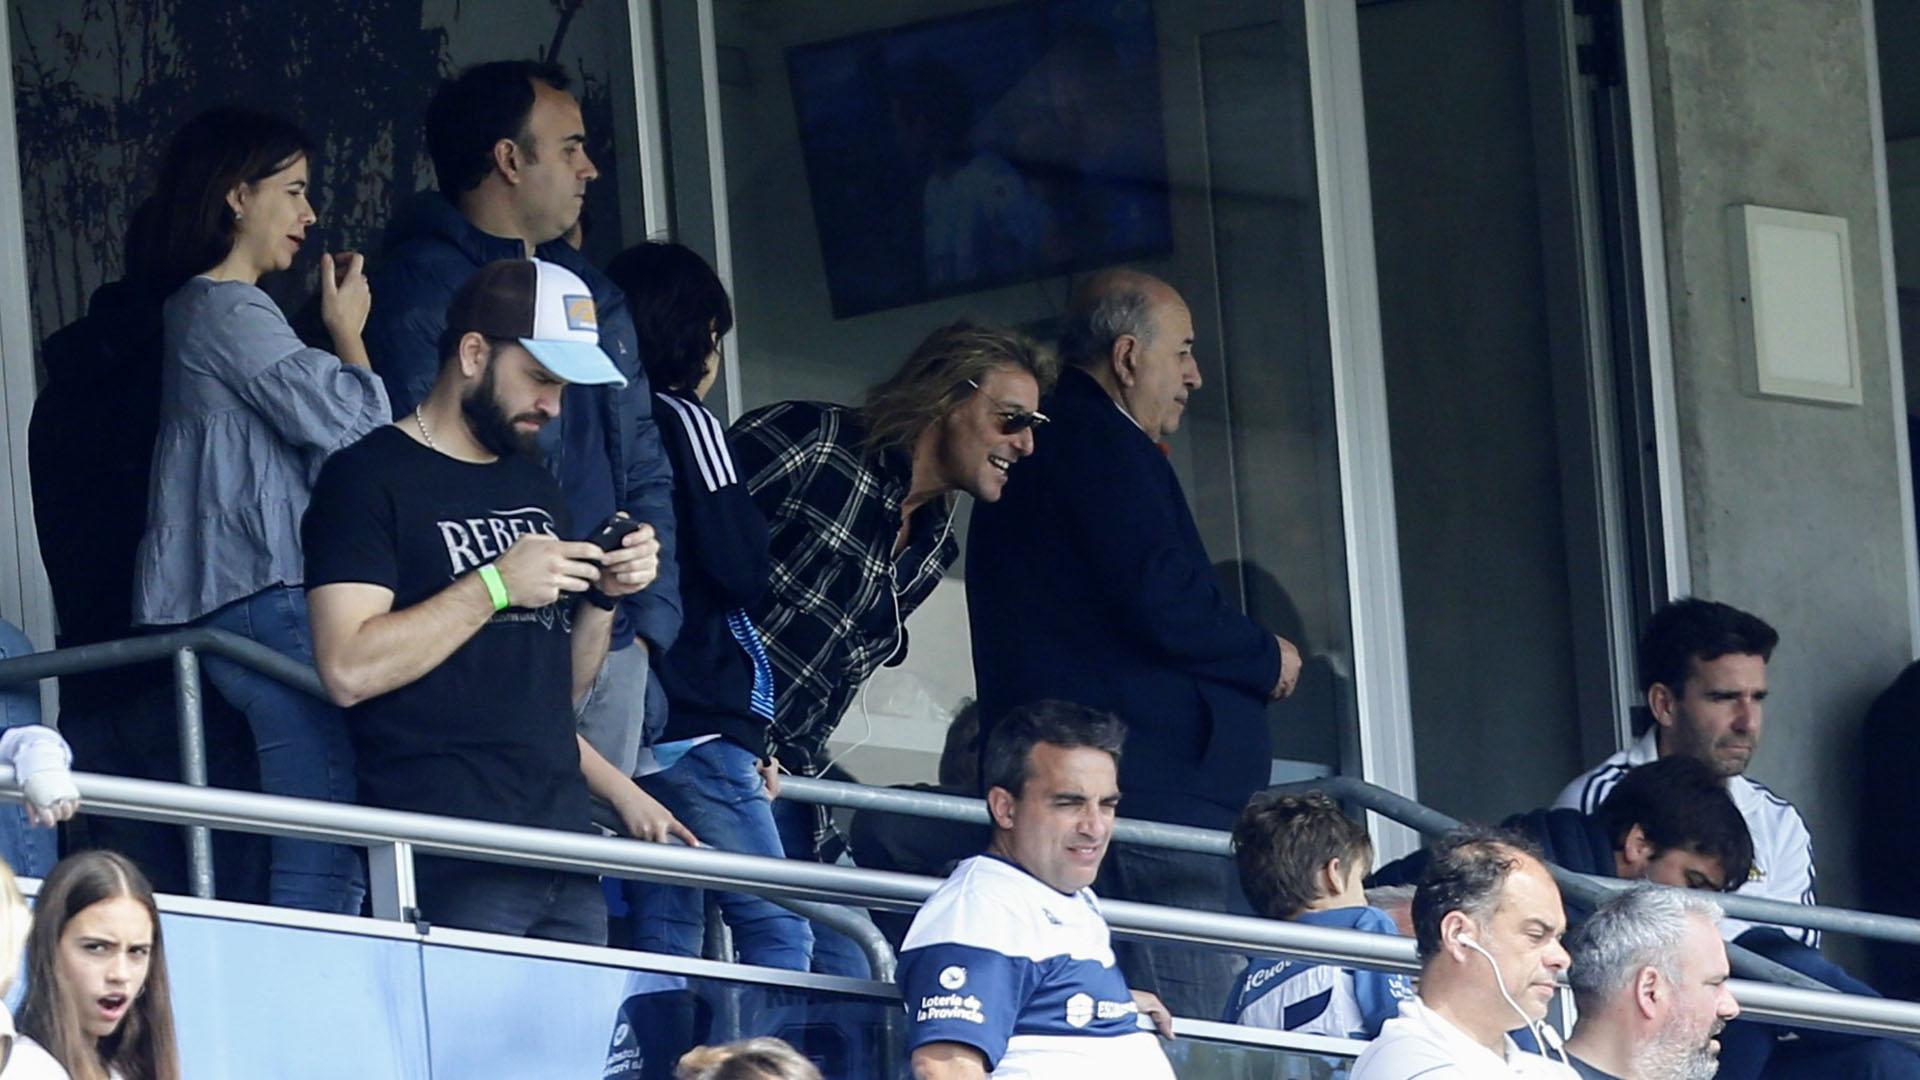 Claudio Cannigia, camisa a cuadros, no se perdió el debut de Diego en La Plata